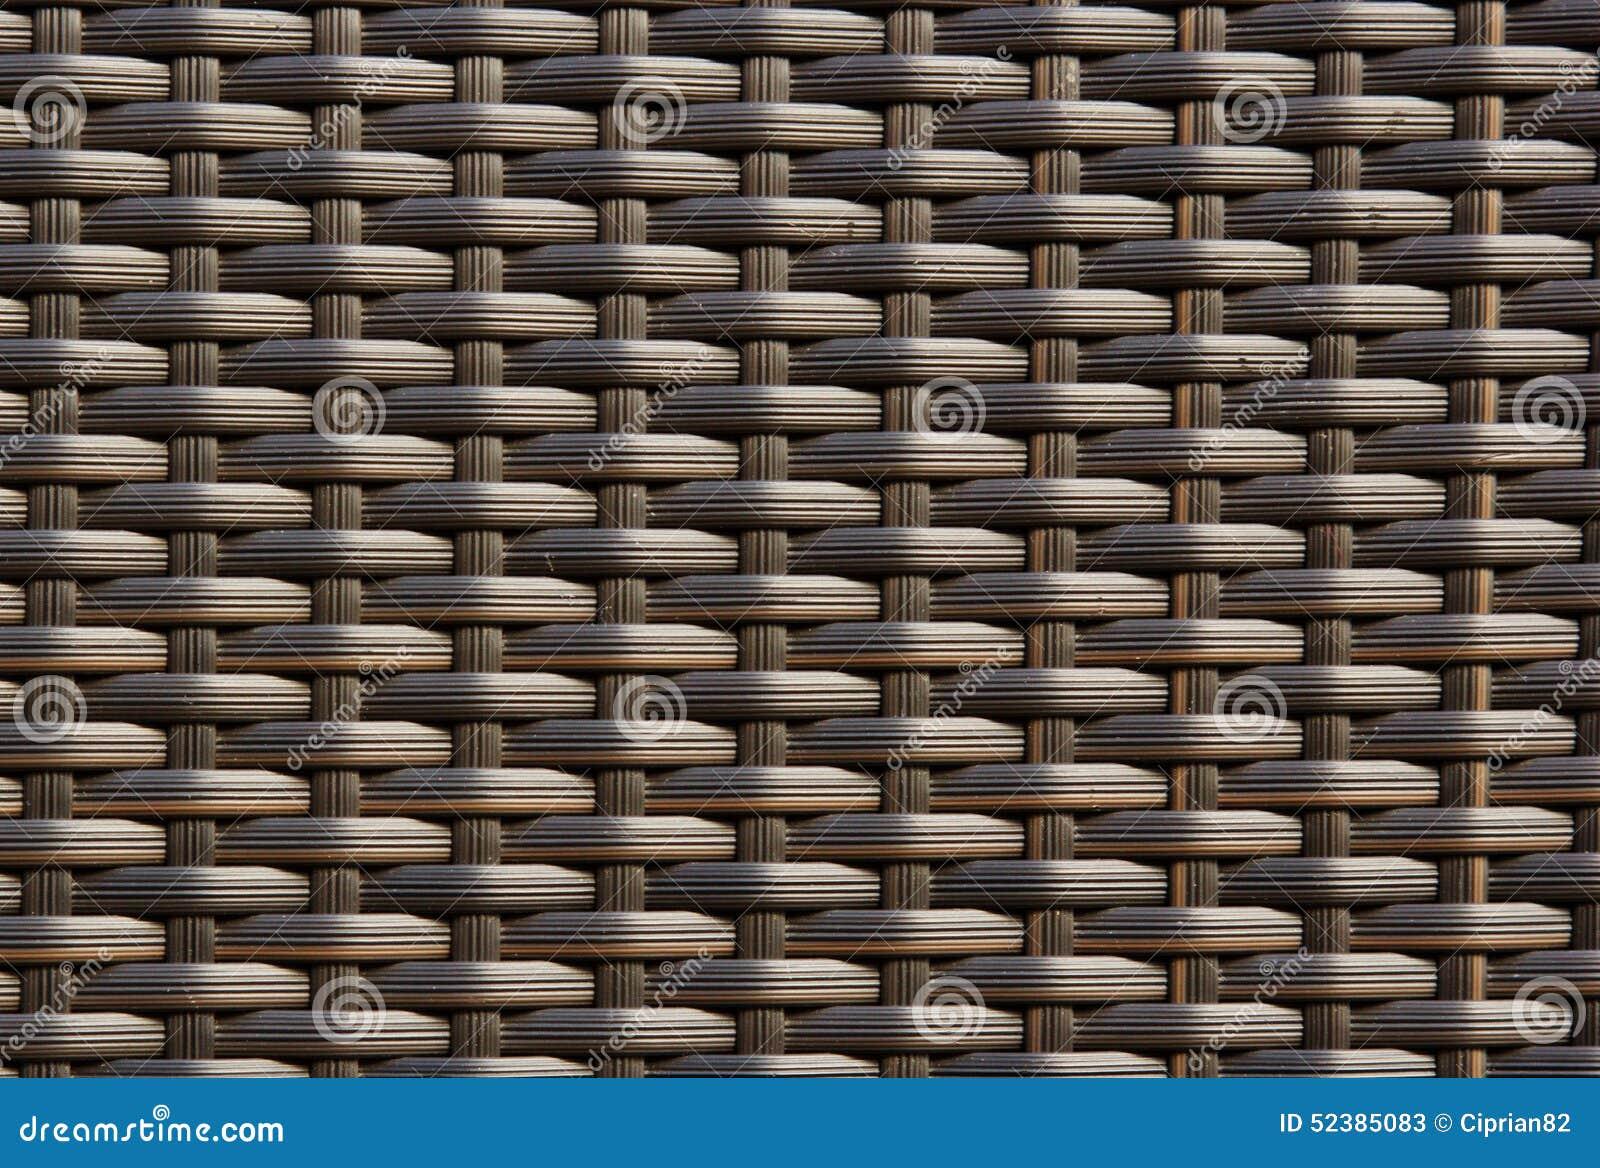 Braided wicker texture